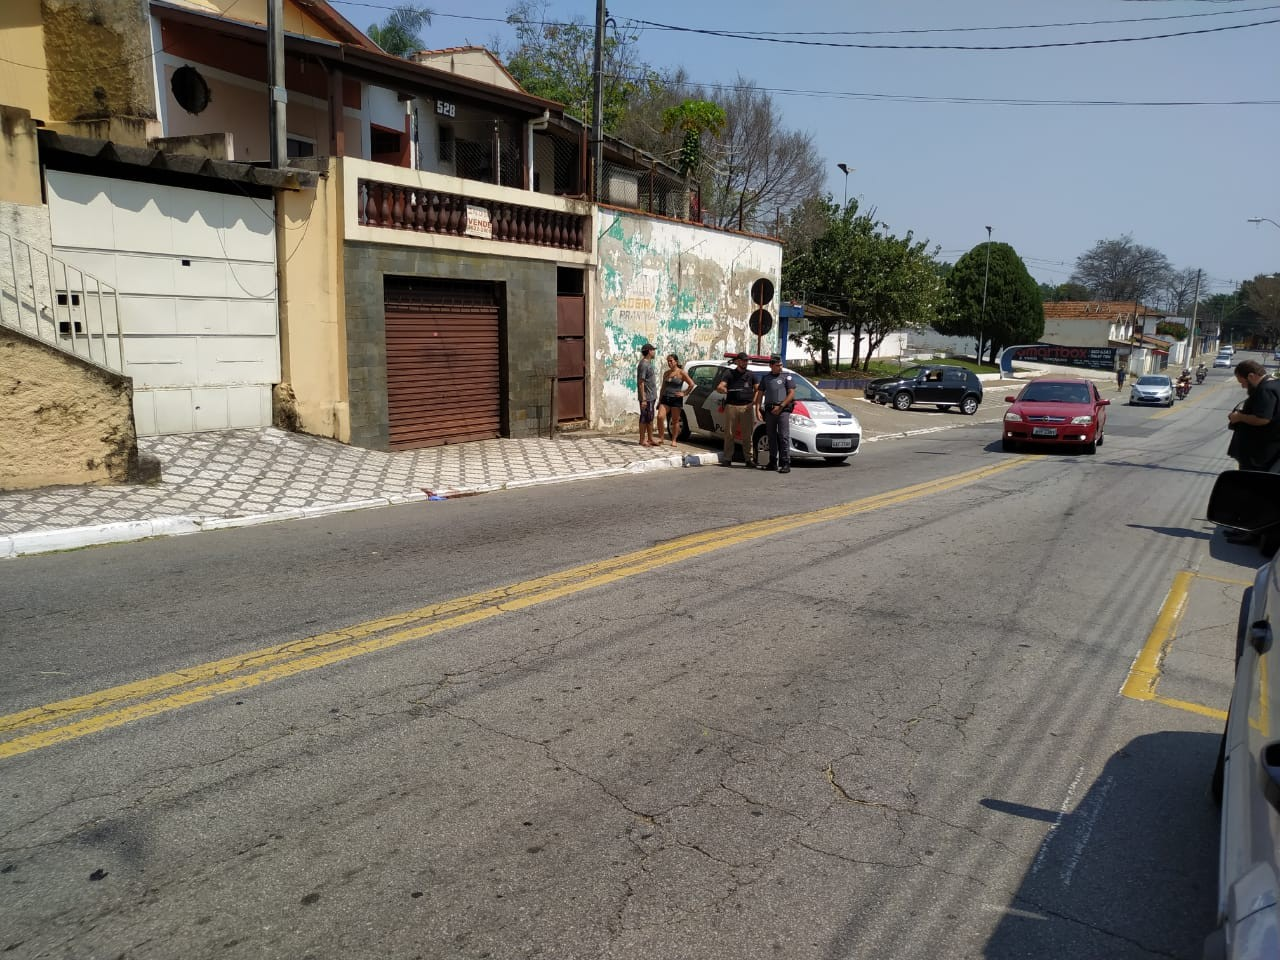 Homem é morto a tiros no Fonte Imaculada em Taubaté - Notícias - Plantão Diário